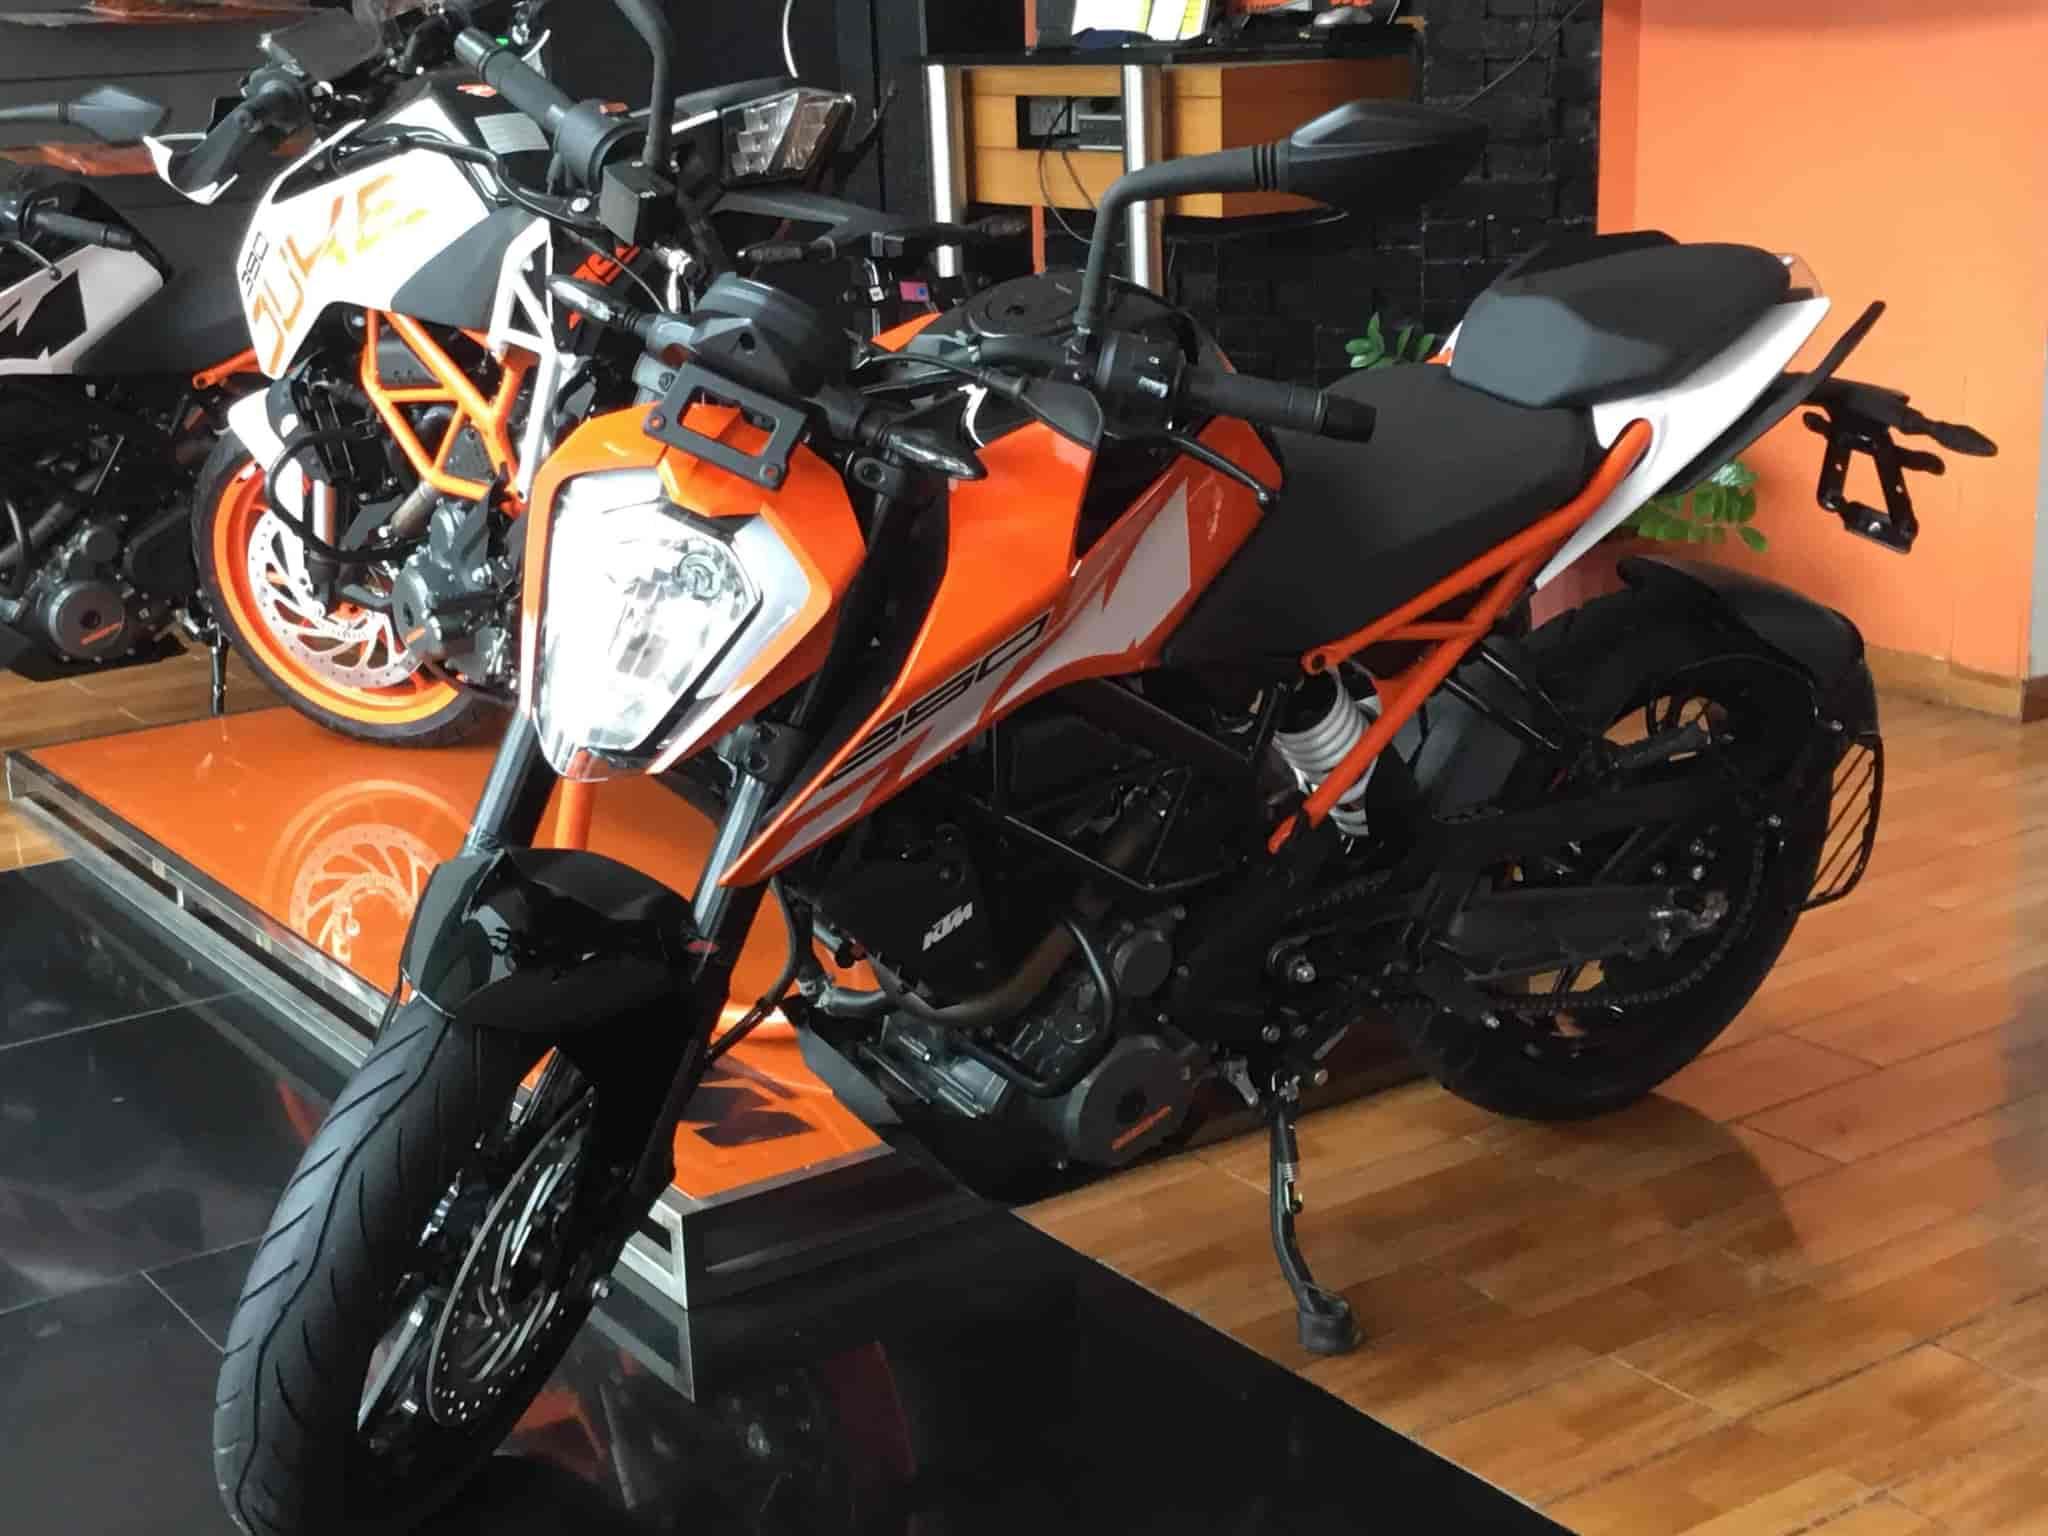 Ktm Showroom Mg Road Motorcycle Dealers Ktm In Vijayawada Justdial